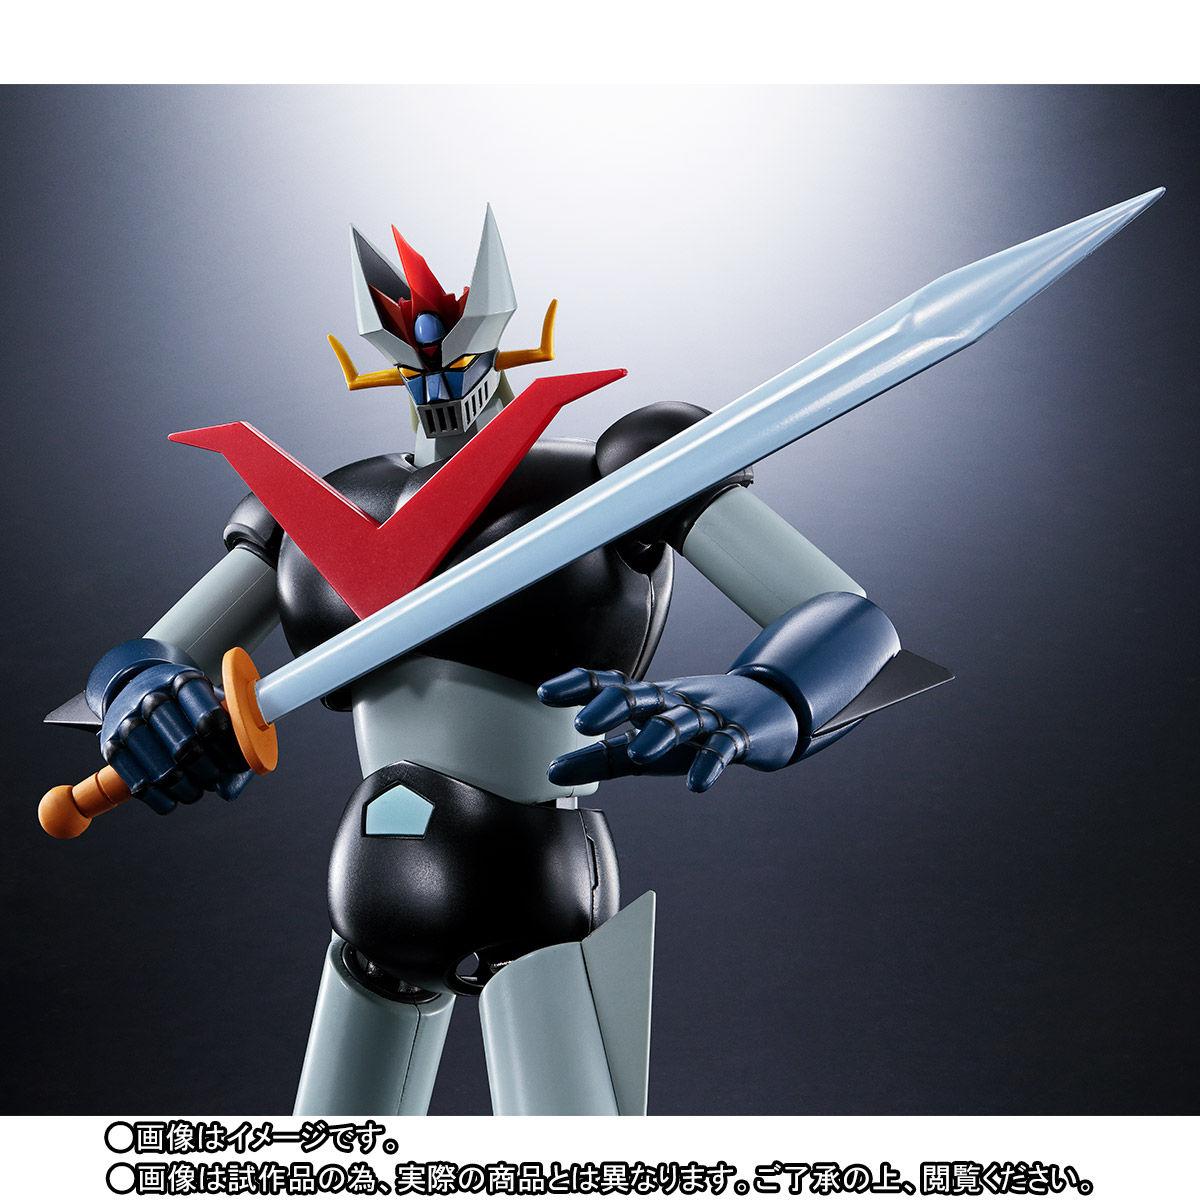 超合金魂 GX-73SP『グレートマジンガー D.C. アニメカラーバージョン』可動フィギュア-003